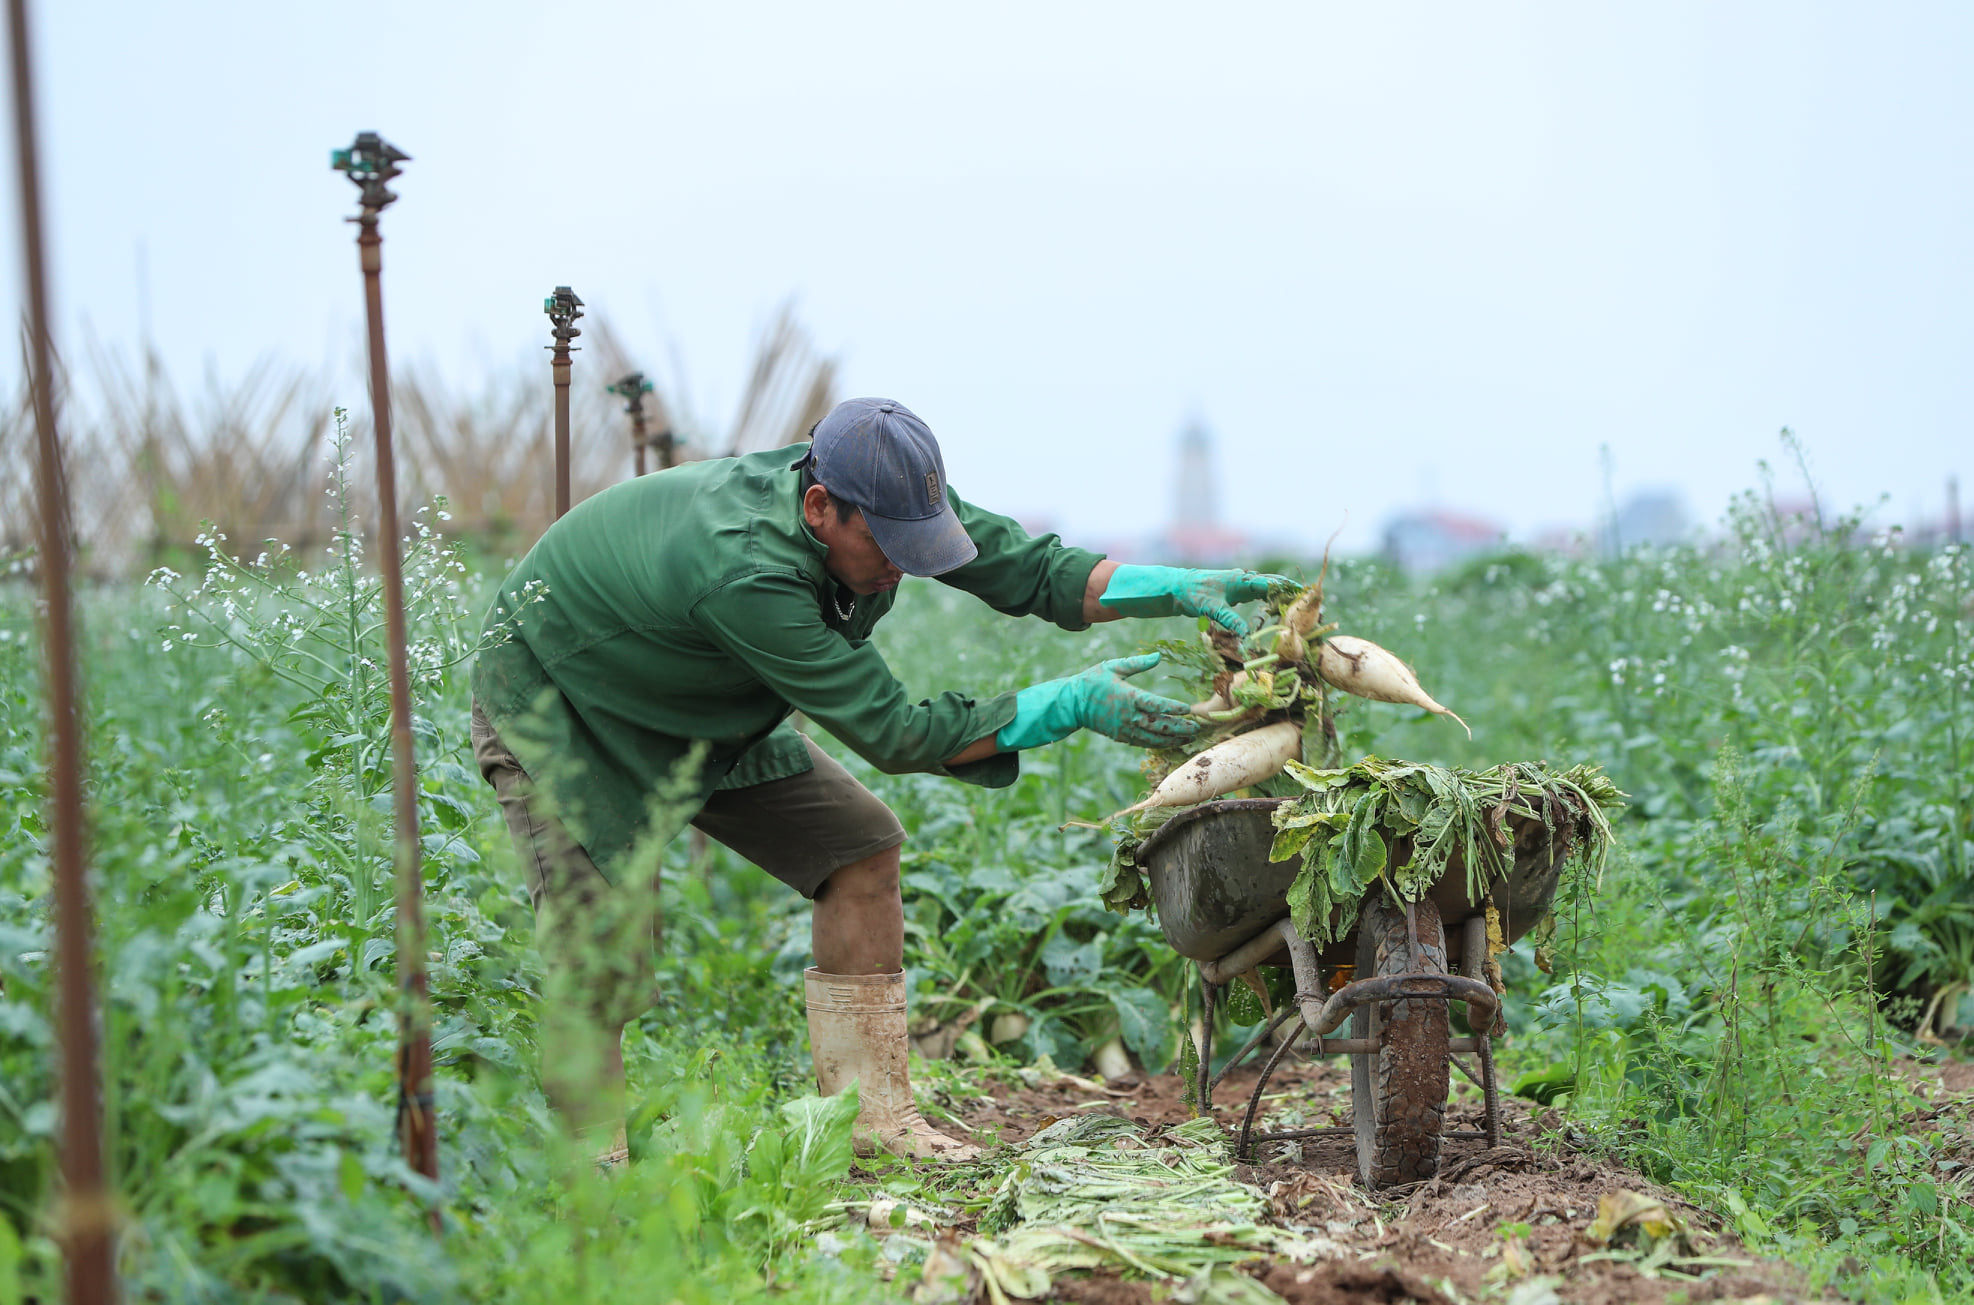 Hàng trăm tấn củ cải rớt giá thảm hại, người dân Hà Nội xót xa nhổ bỏ vì bán không ai mua - Ảnh 7.